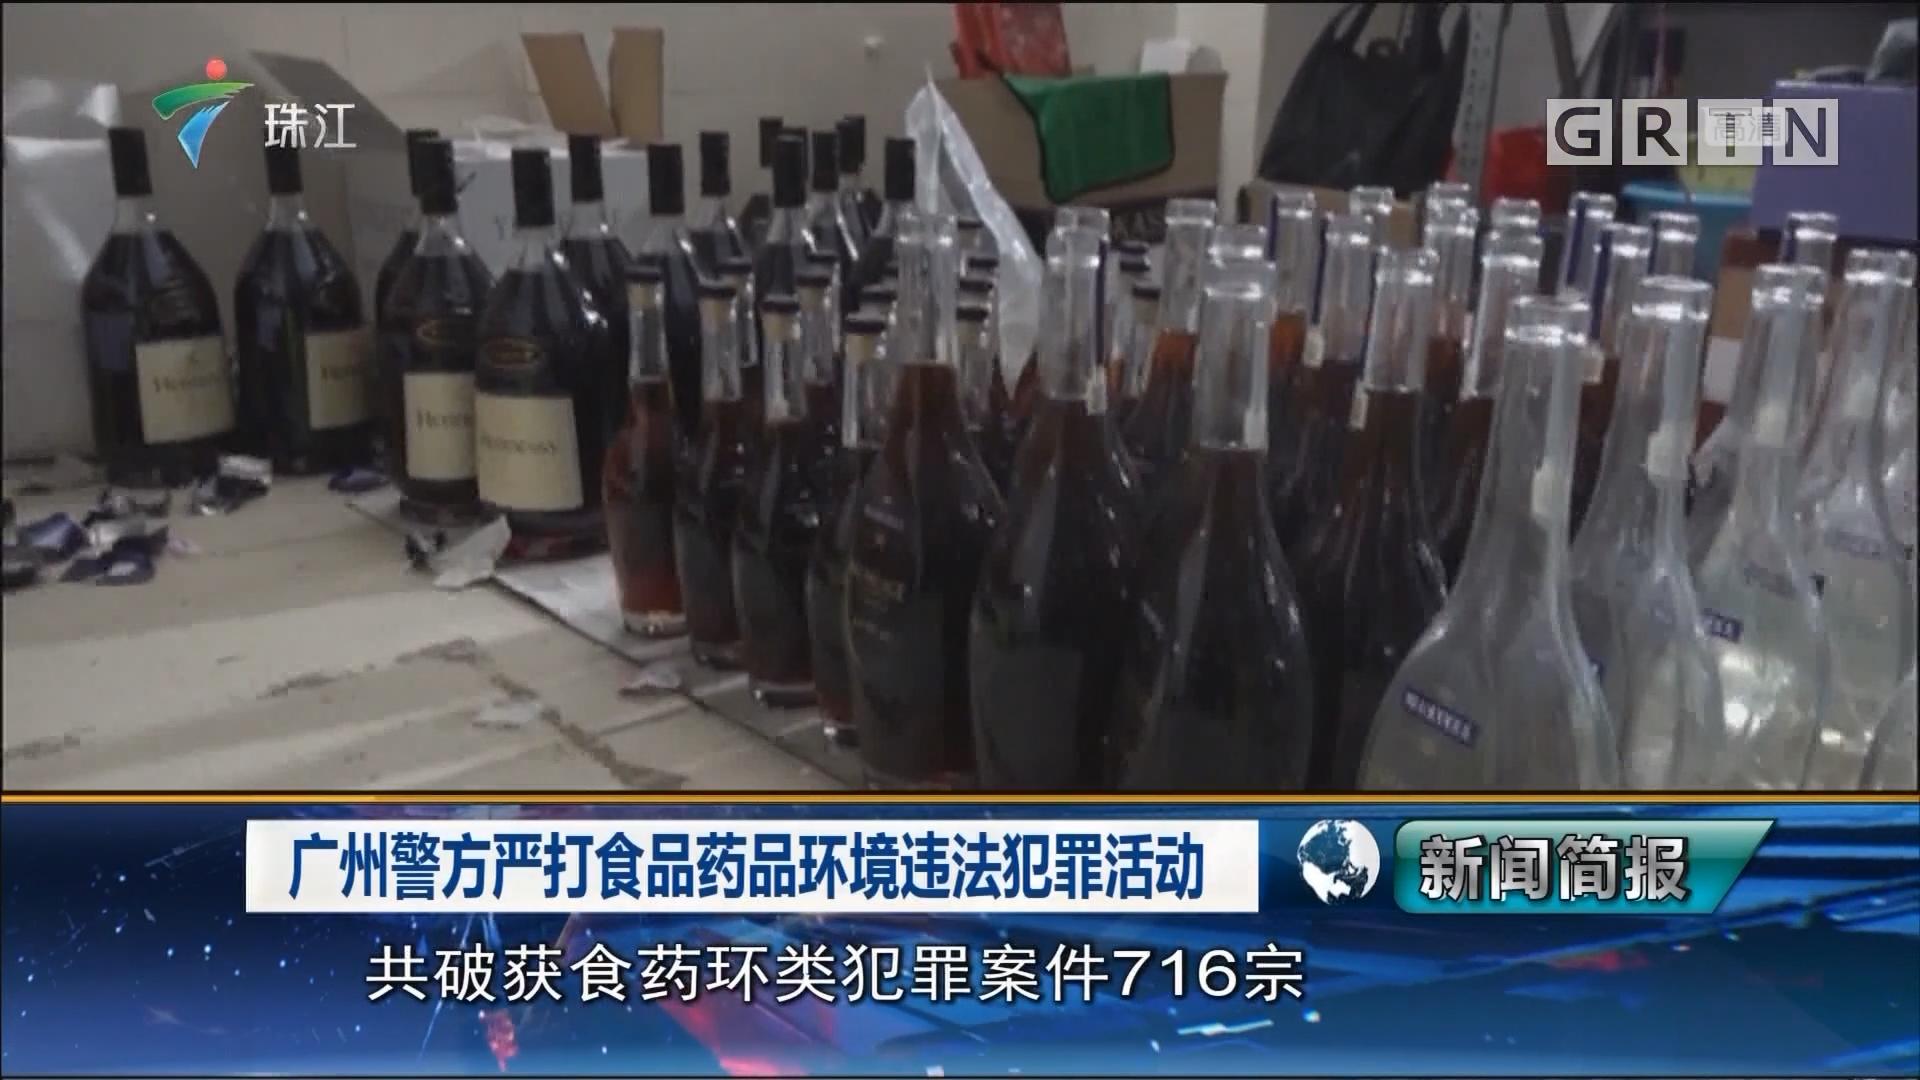 广州警方严打食品药品环境违法犯罪活动